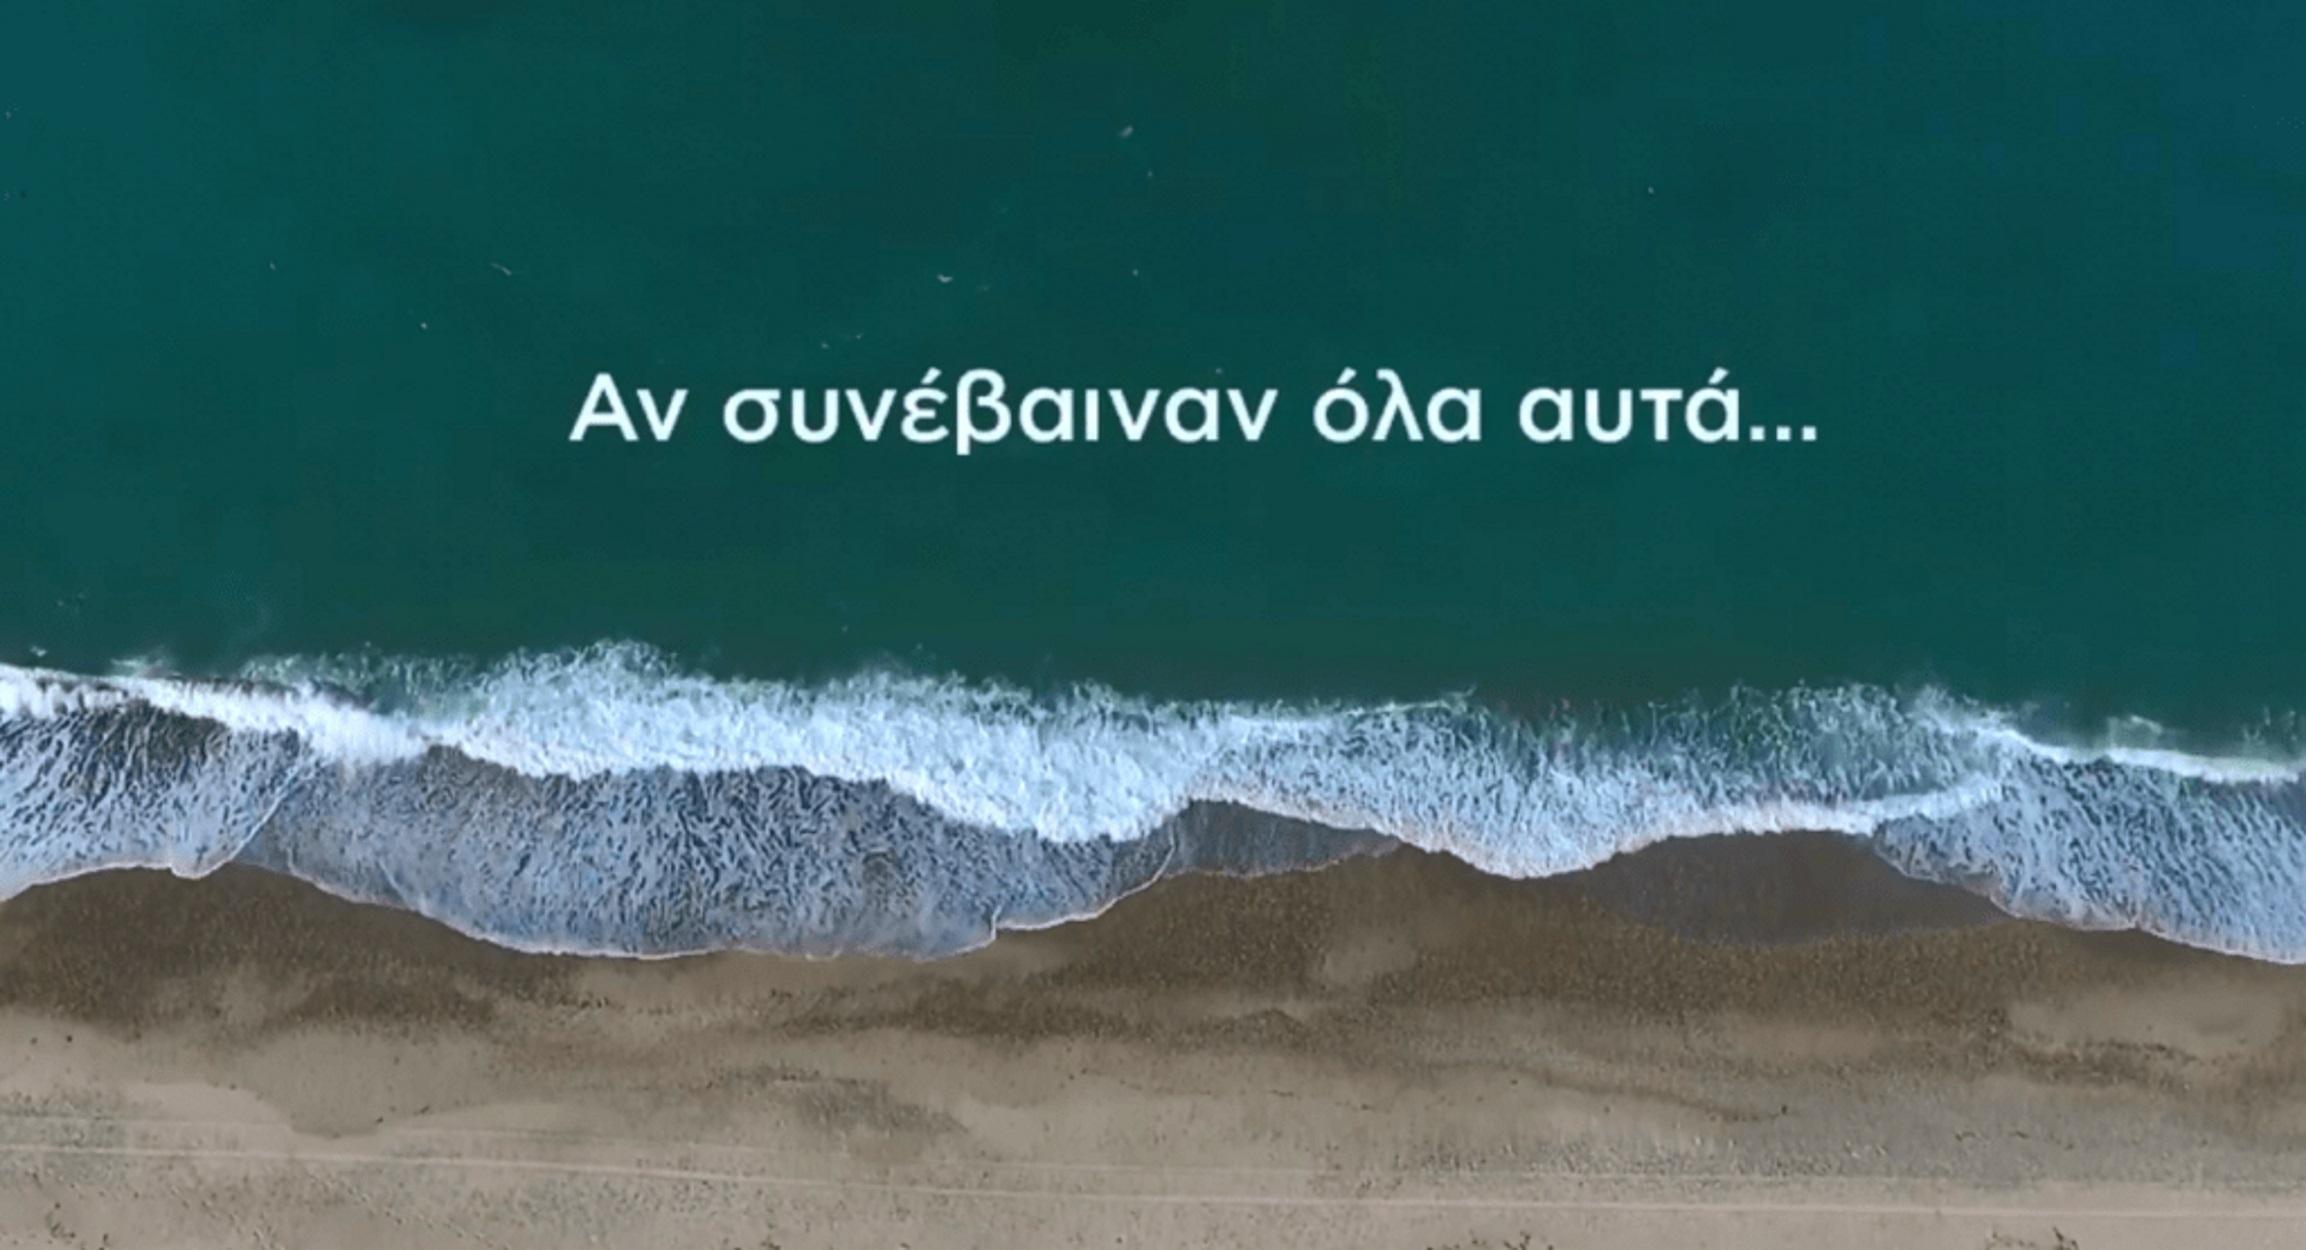 """ΚΙΝΑΛ: Σποτ κριτικής στην κυβέρνηση για τον τουρισμό – """"State of mind…"""" (video)"""